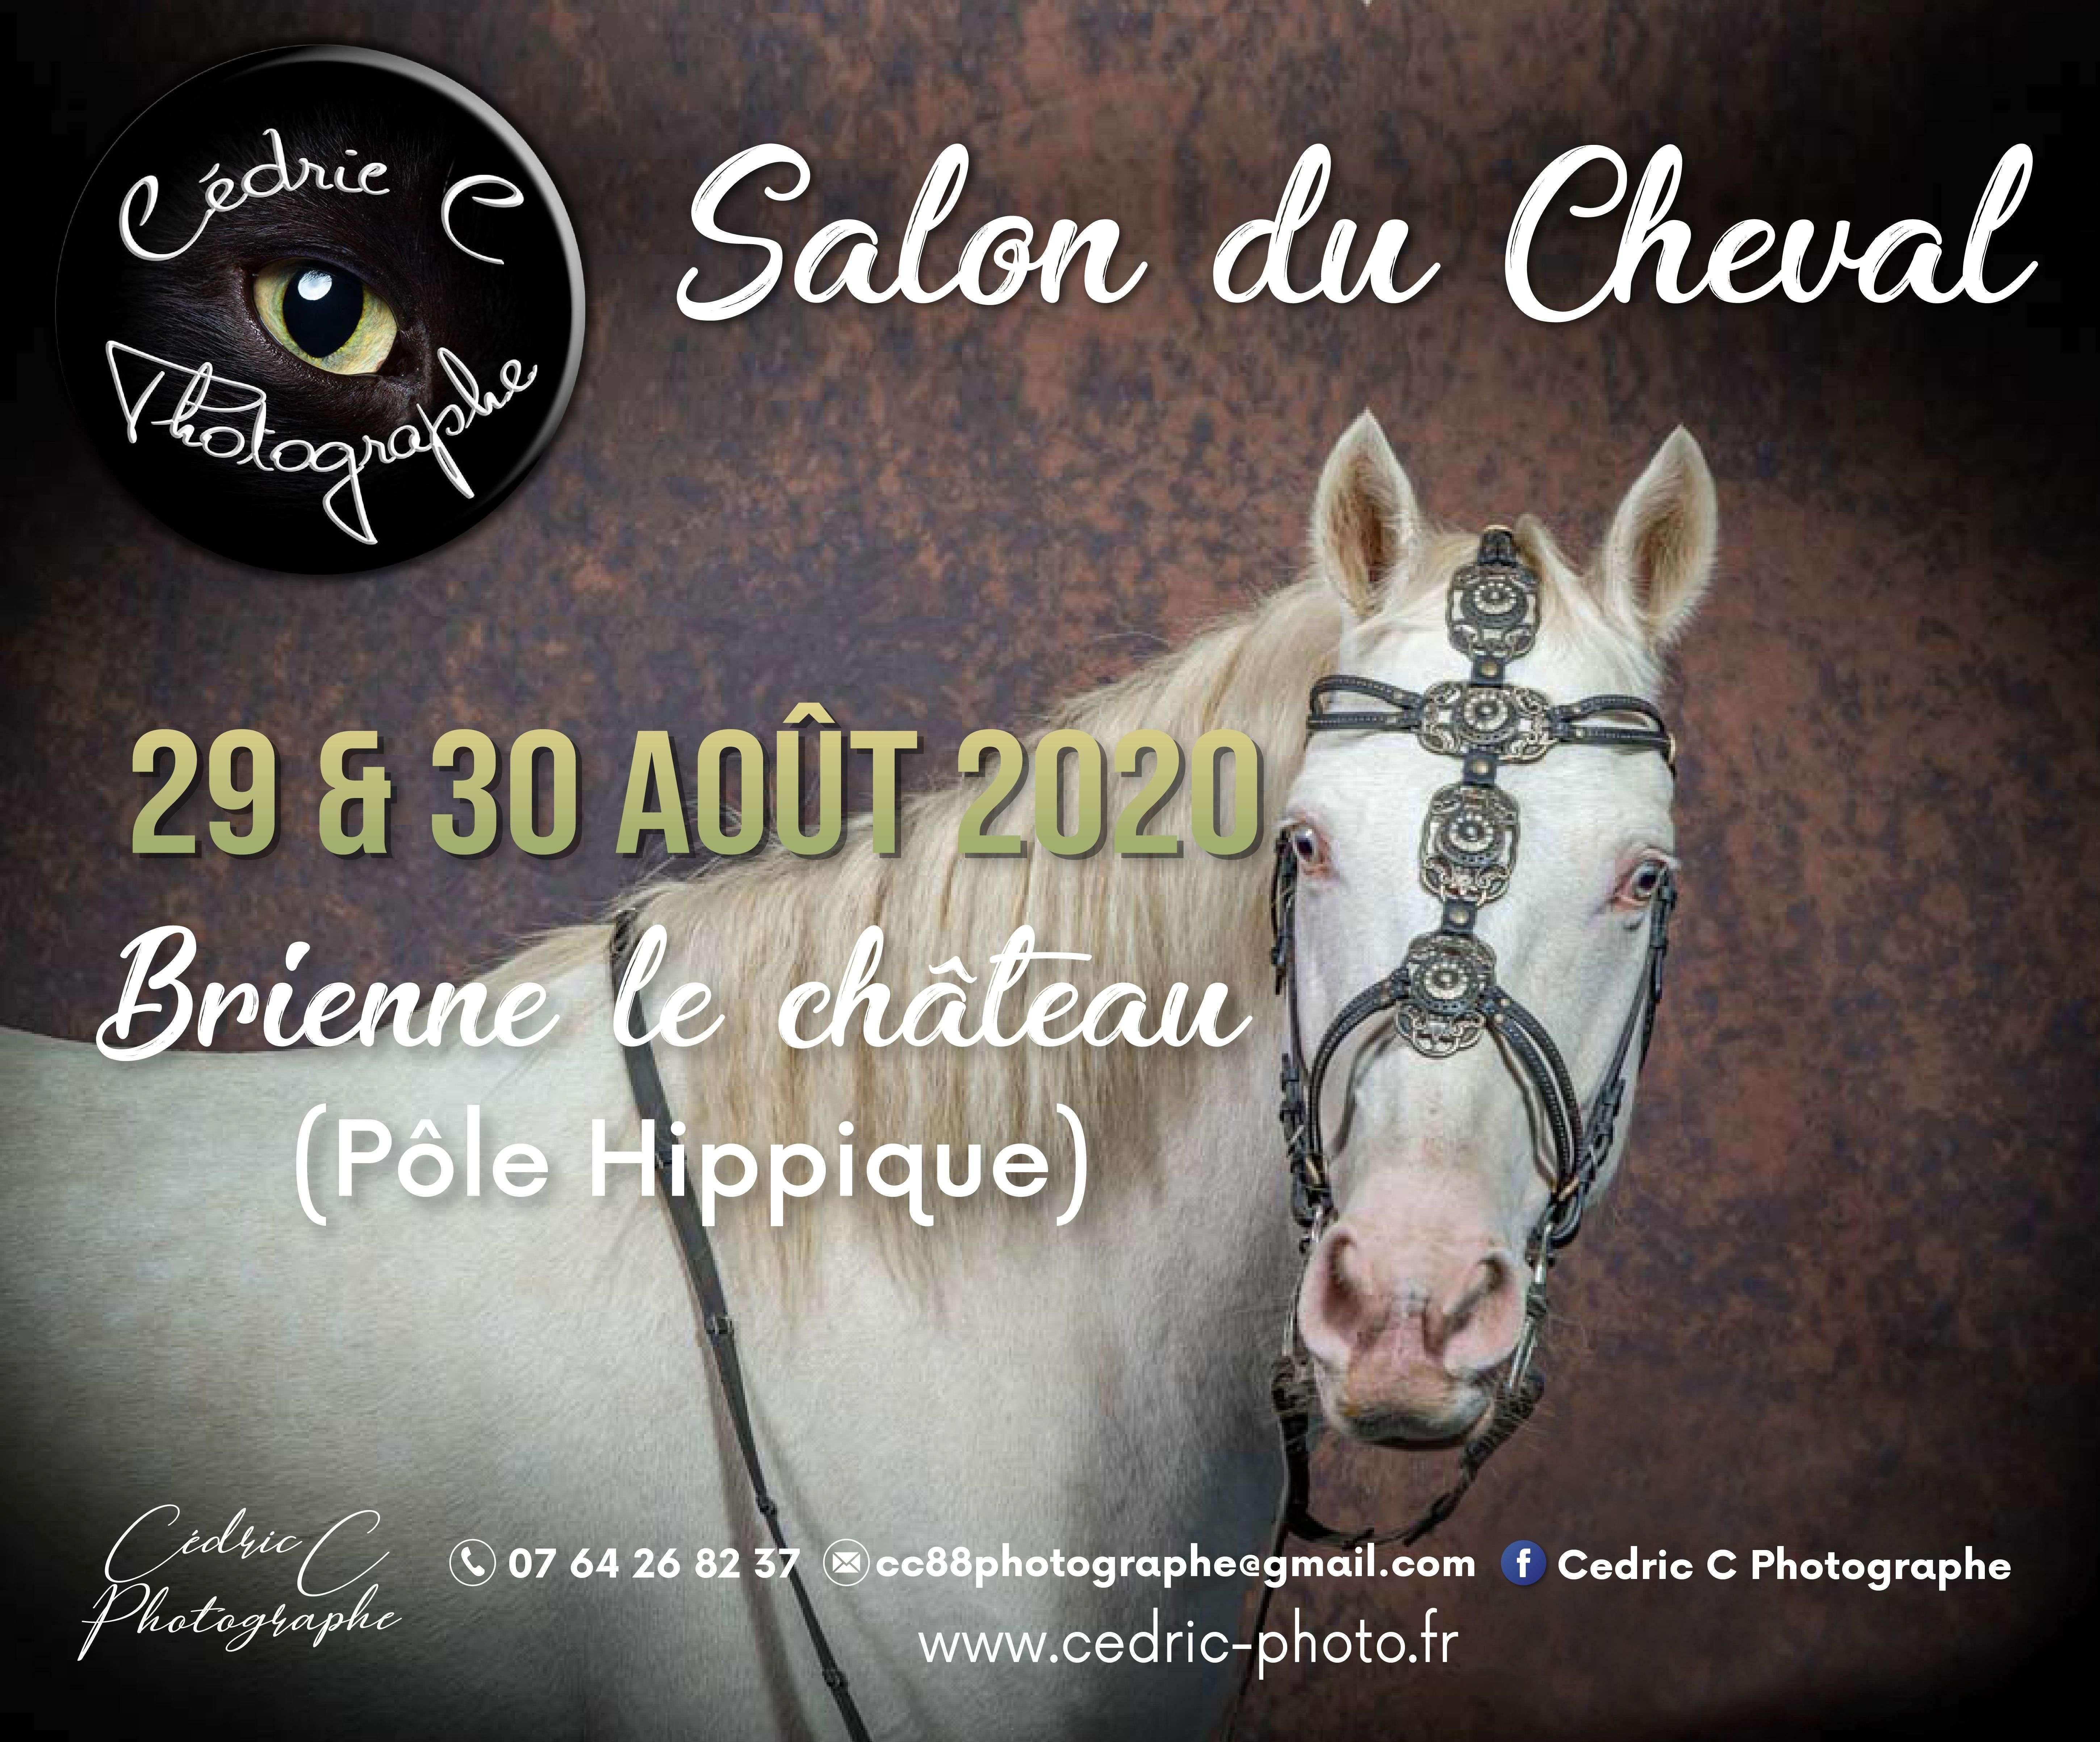 Salon du cheval 2020